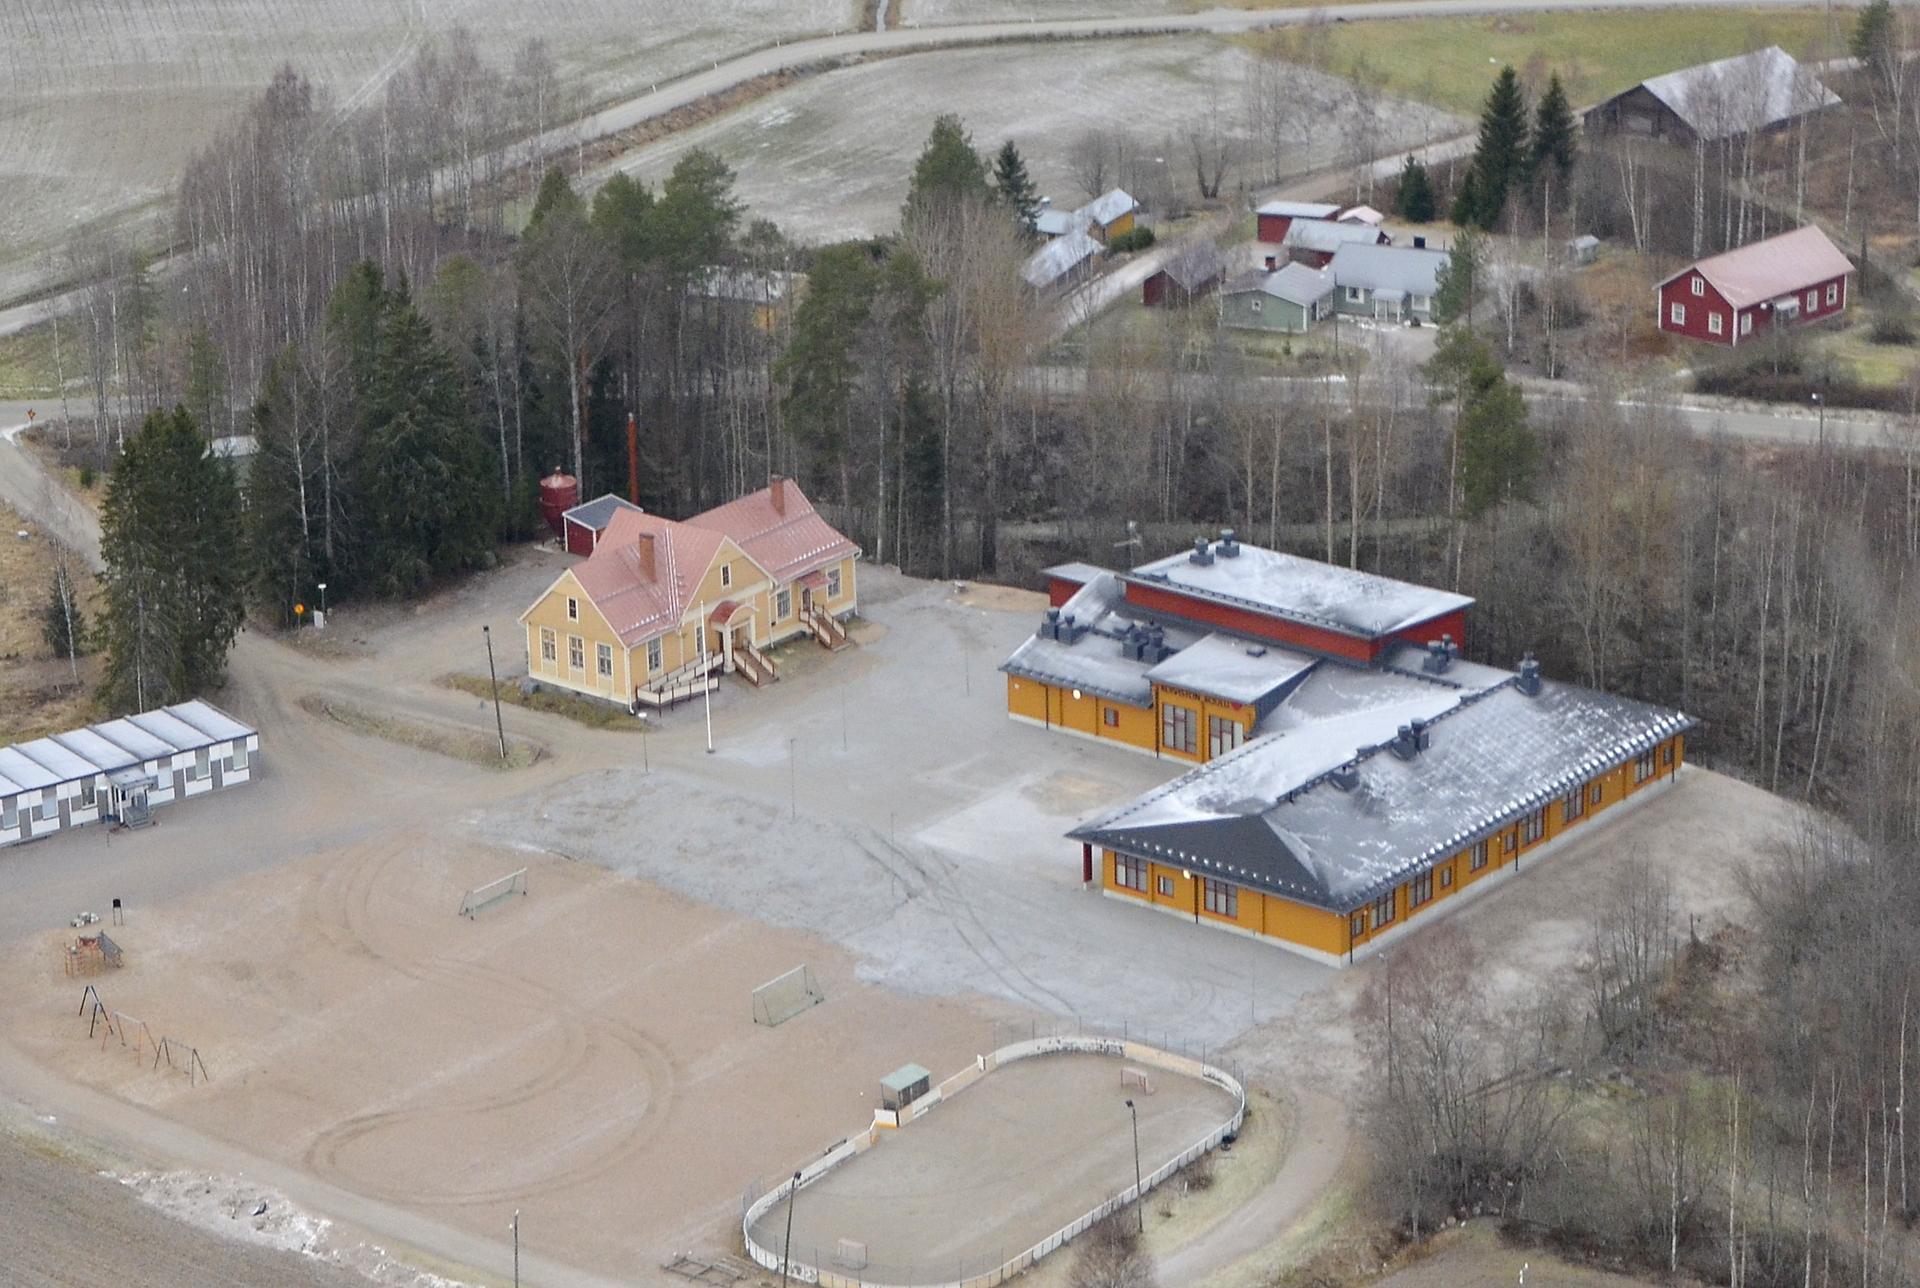 Koiviston vanha ja uusi hirrestä rakennettu koulu. Vielä hetken toiminnassa oleva konttikoulu vasemmalla.